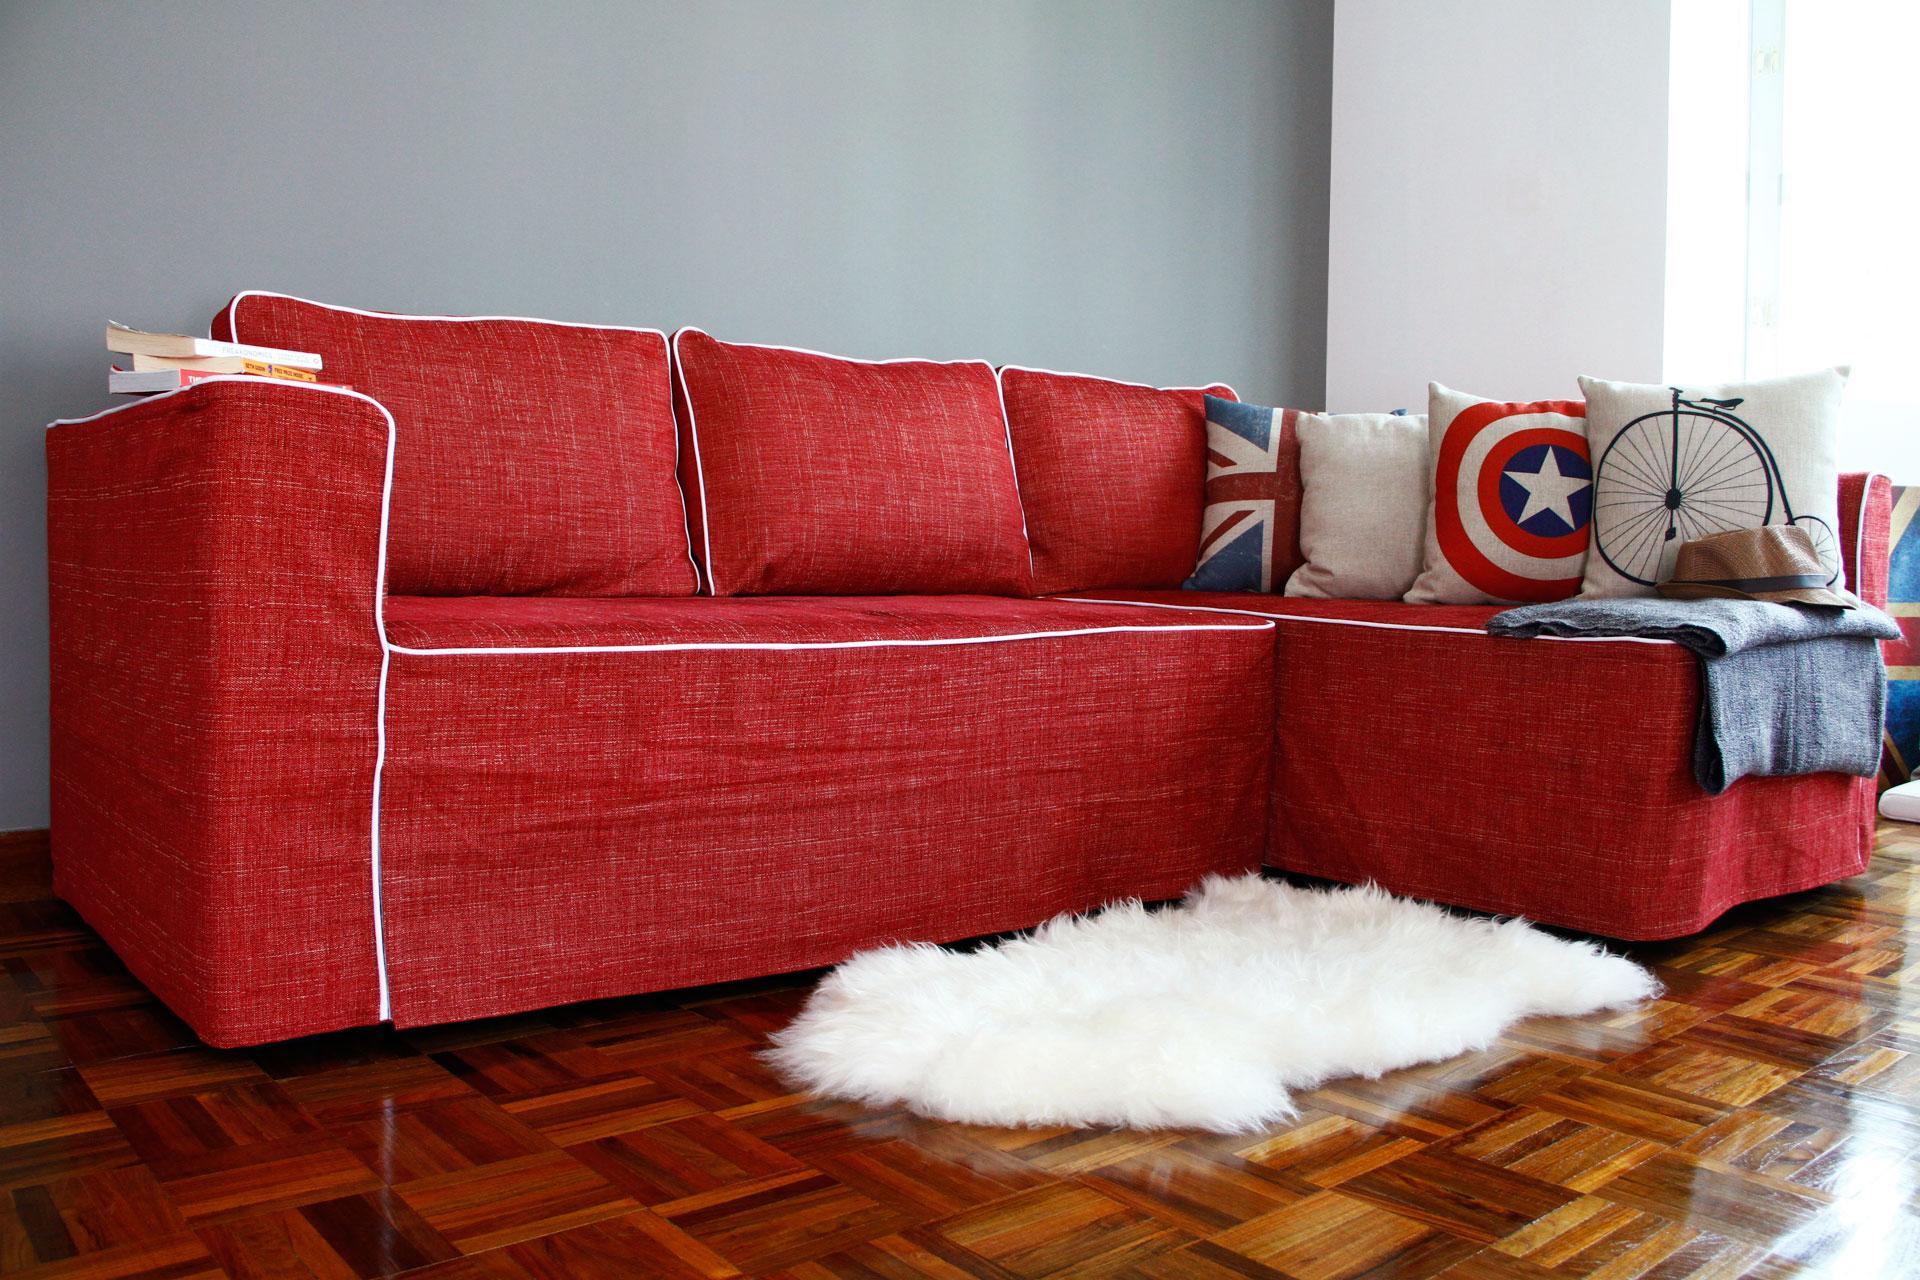 Чехол для углового дивана своими руками